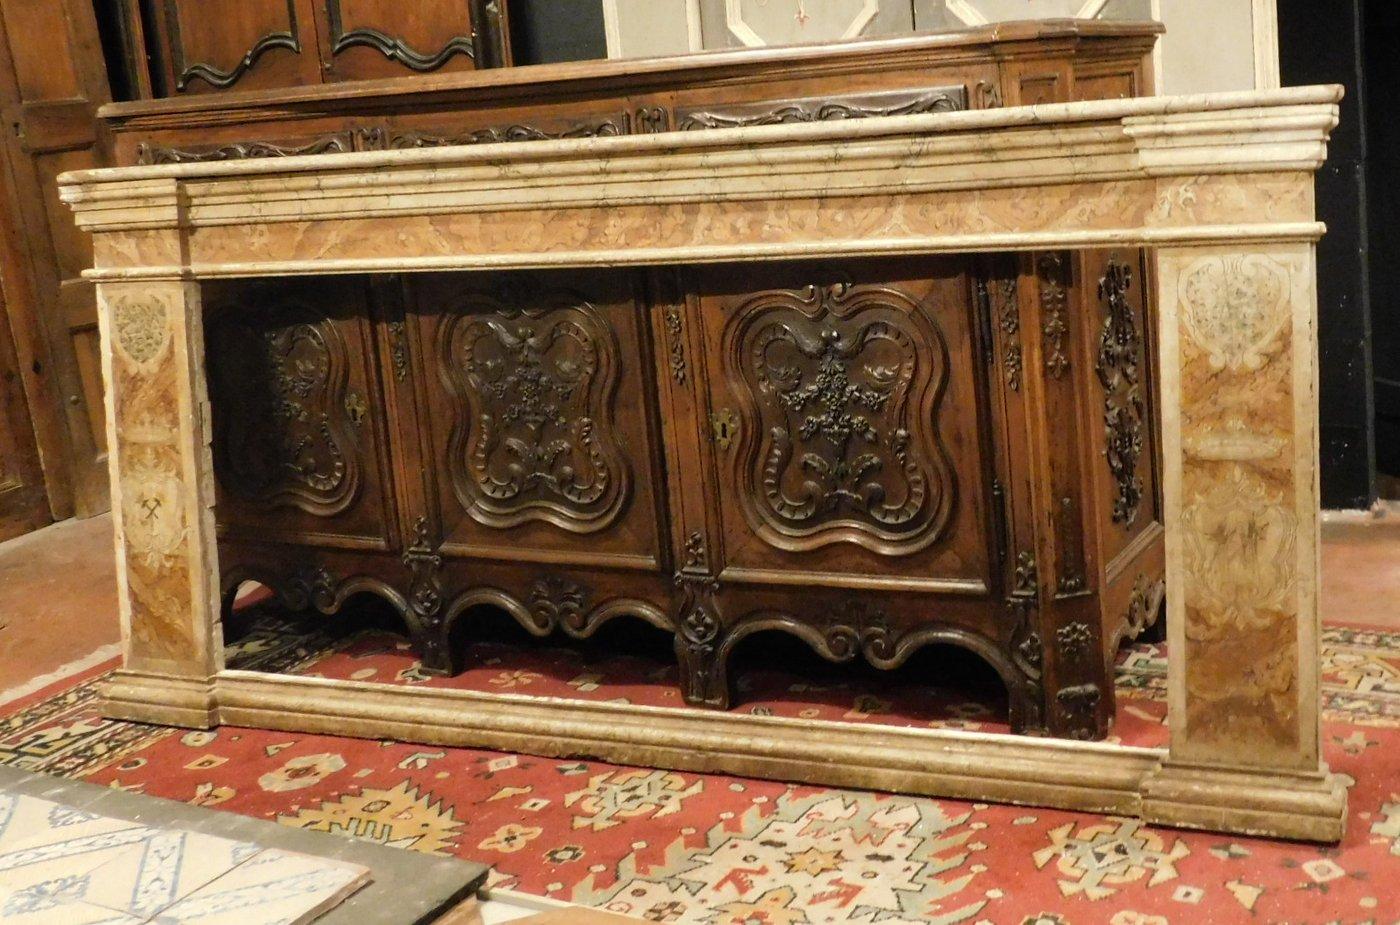 thumb3|A pan209 telaio laccato finto marmo, con capitelli mis. larg. cm 233 x h 105, epoca '700